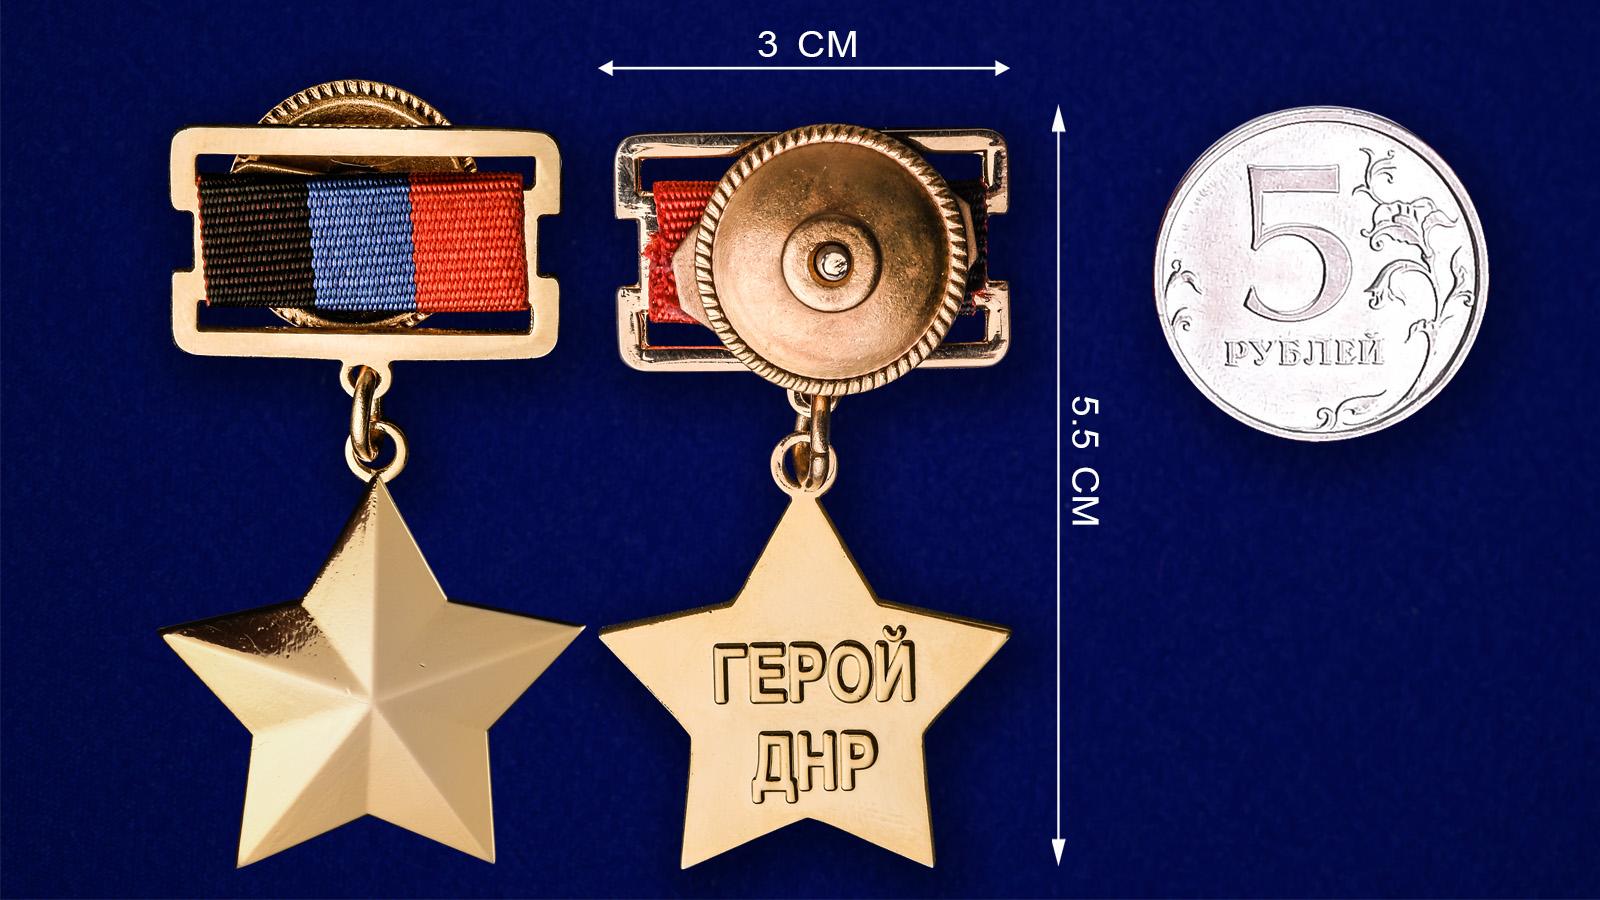 Звезда Героя ДНР - сравнительный размер